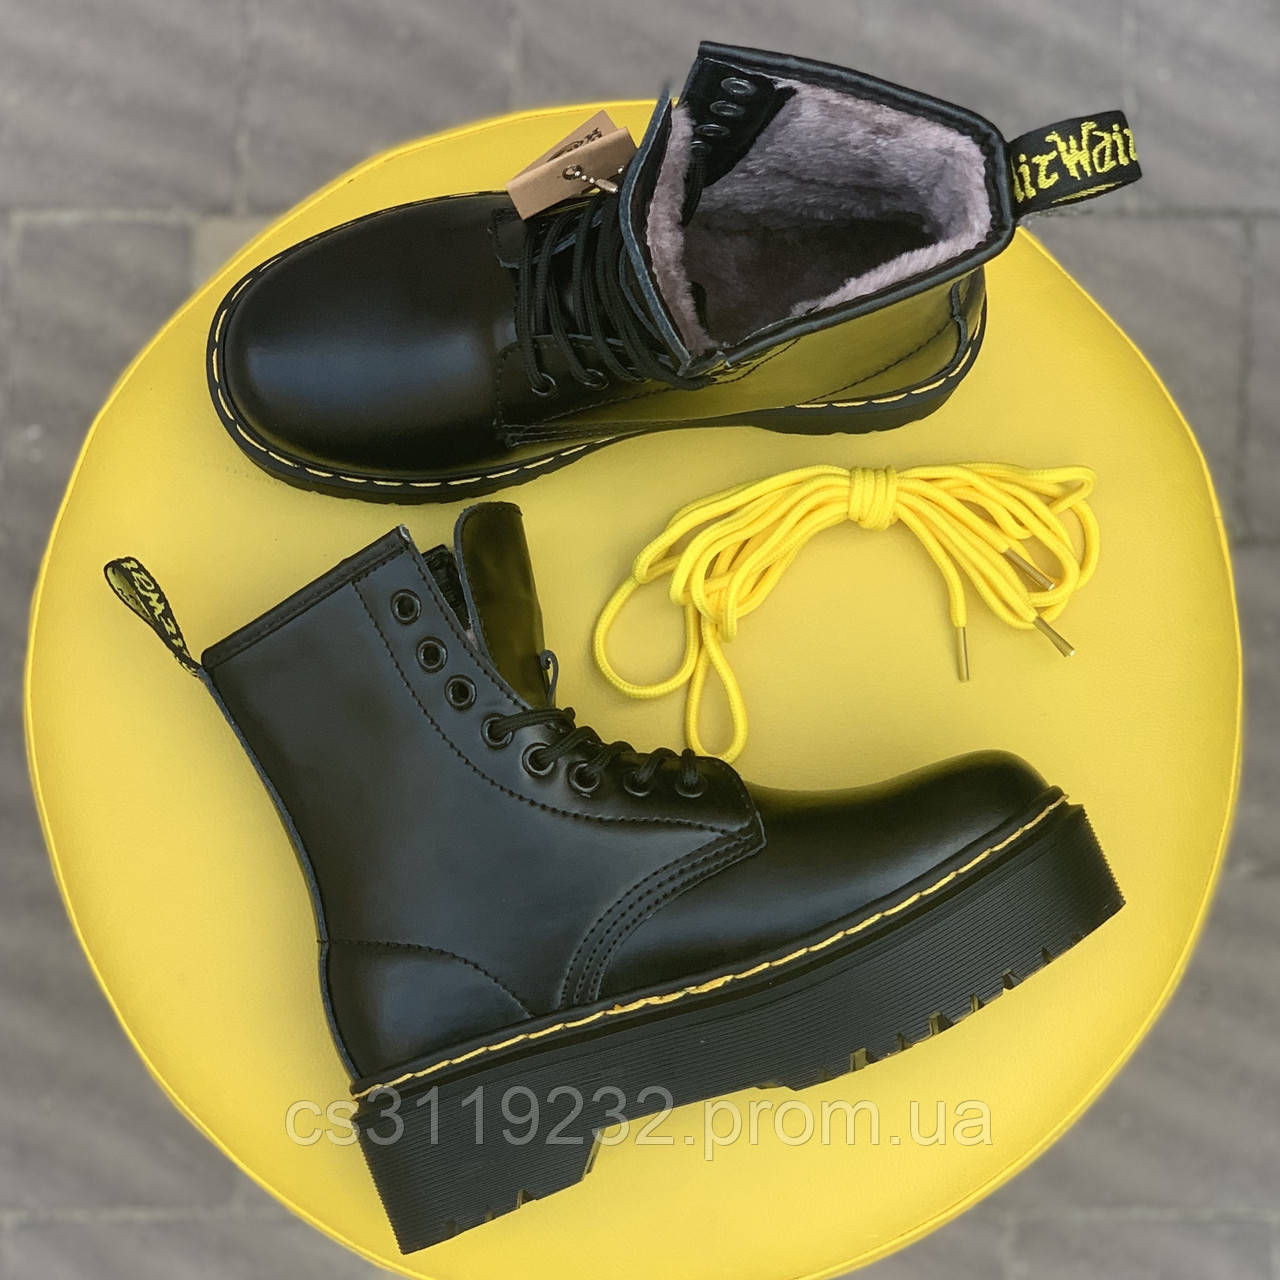 Женские ботинки зимние Dr.Martens Bex (мех) (черный)